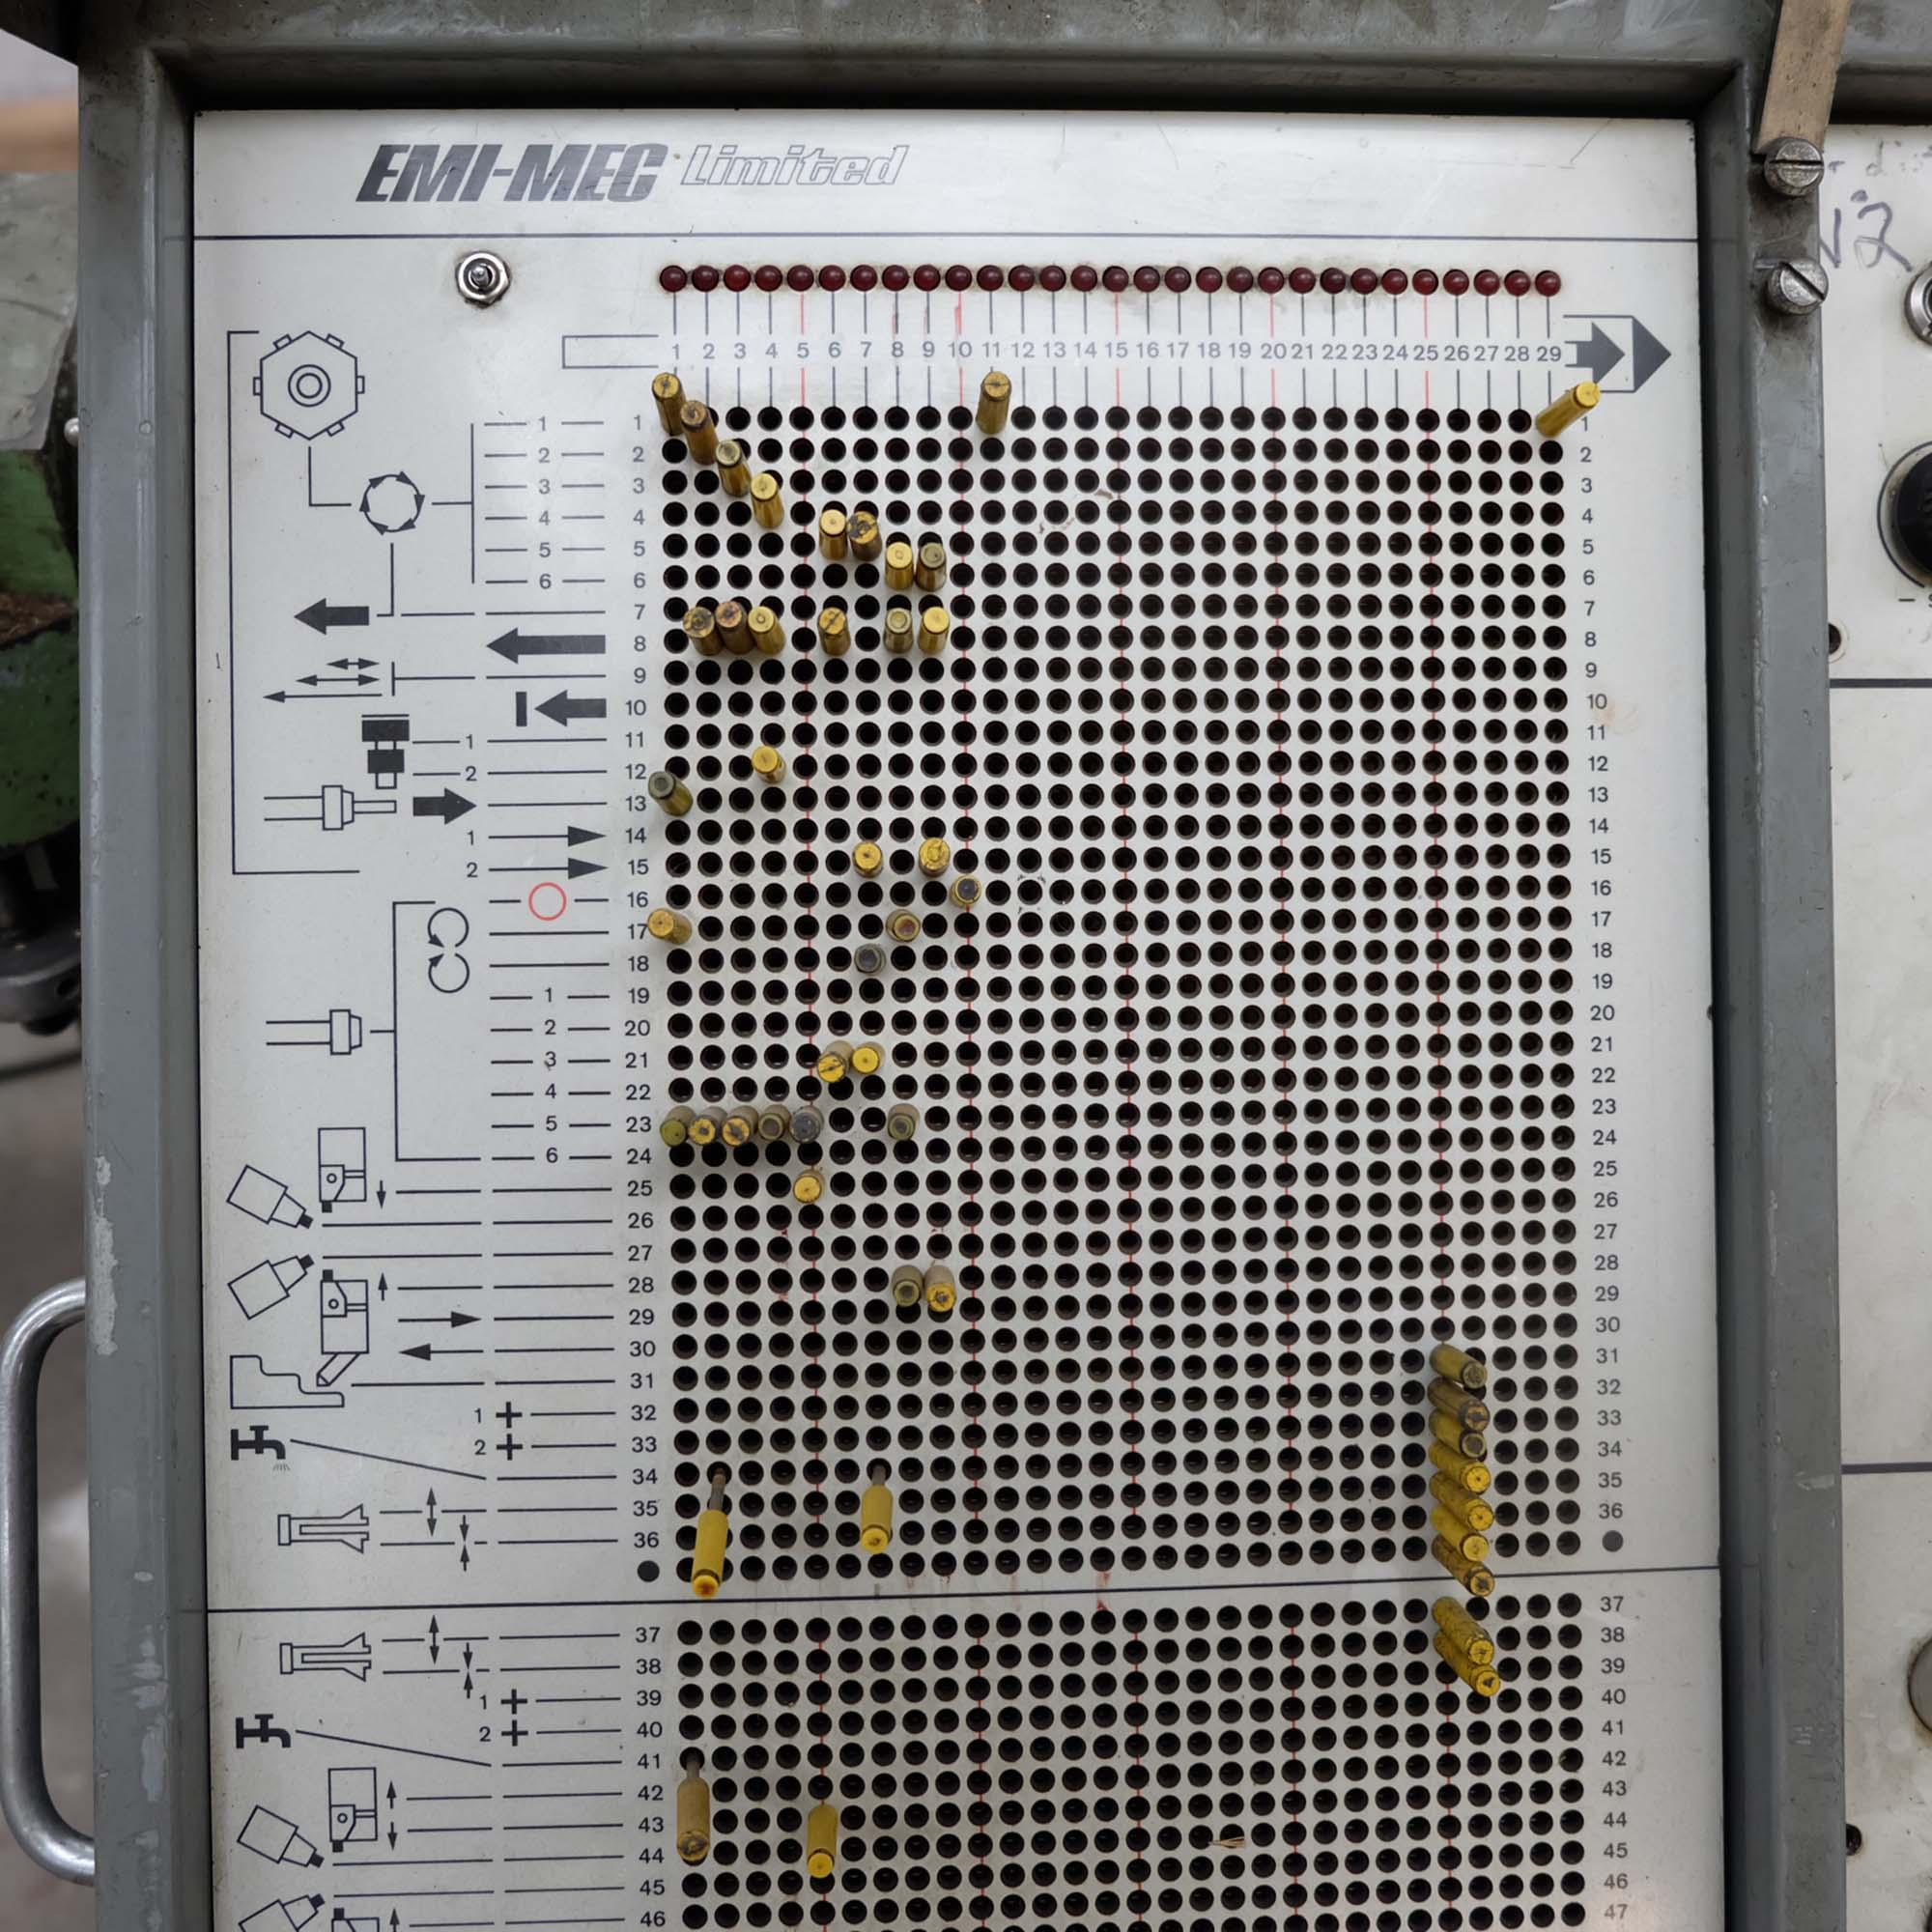 Emi-Mec Auto Sprint 'S' Plugboard Capstan Lathe. - Image 3 of 10